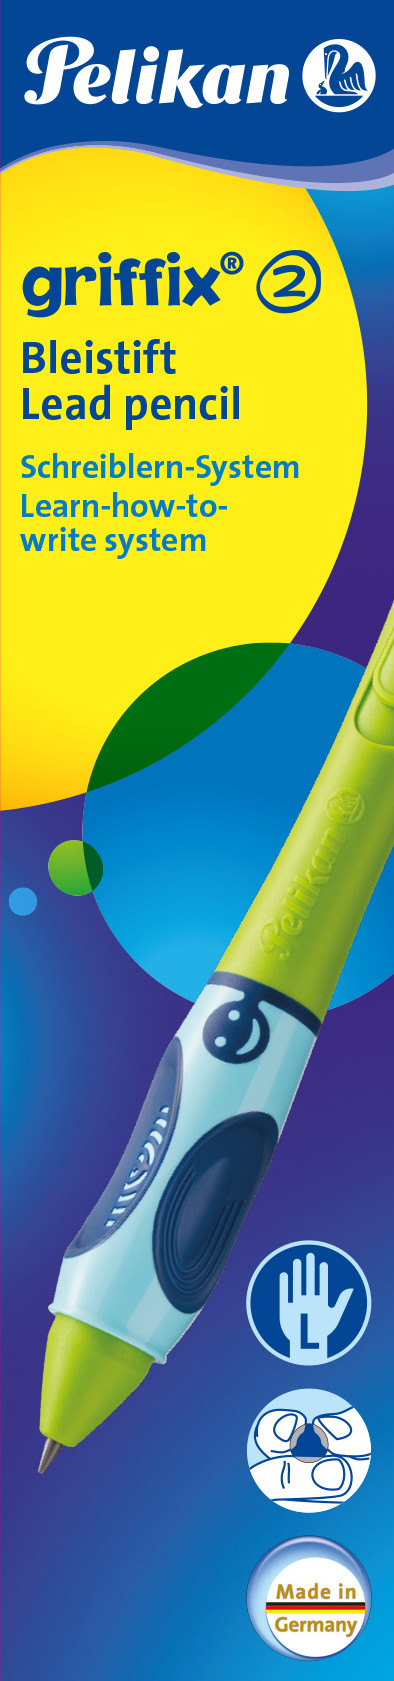 Pelikan 945028 - Griffix - Bleistift - Linkshändig - Grün - 1 Stück